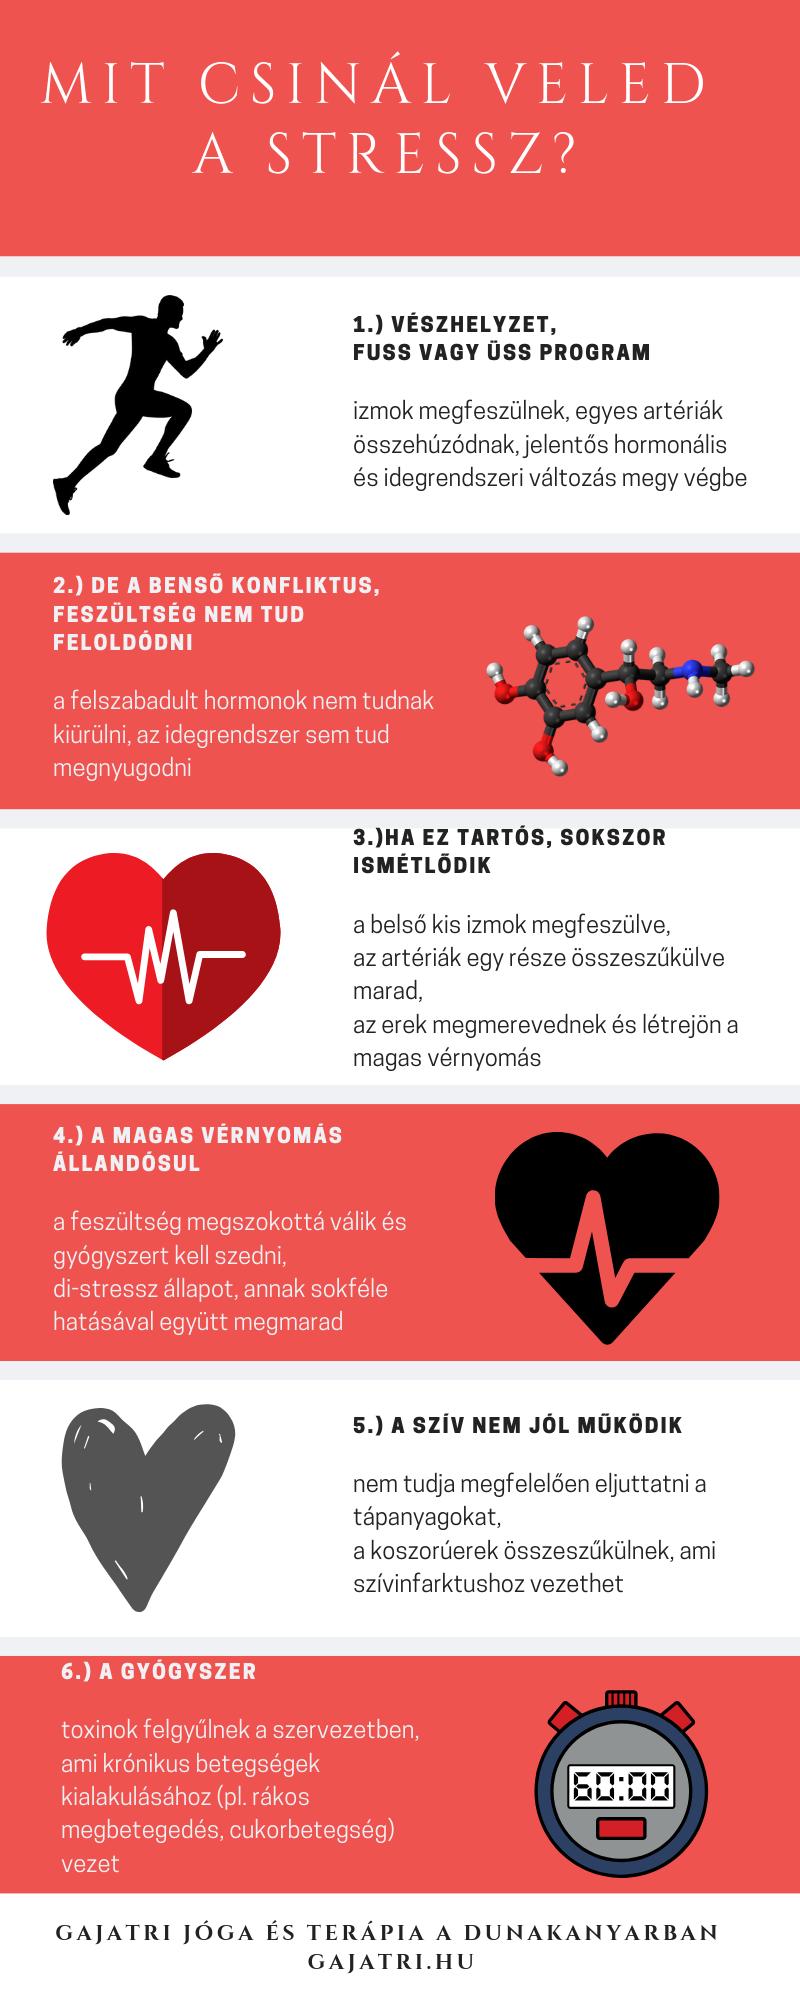 gyakorlatok összessége a magas vérnyomás kezelésére nedvek keveréke magas vérnyomás esetén